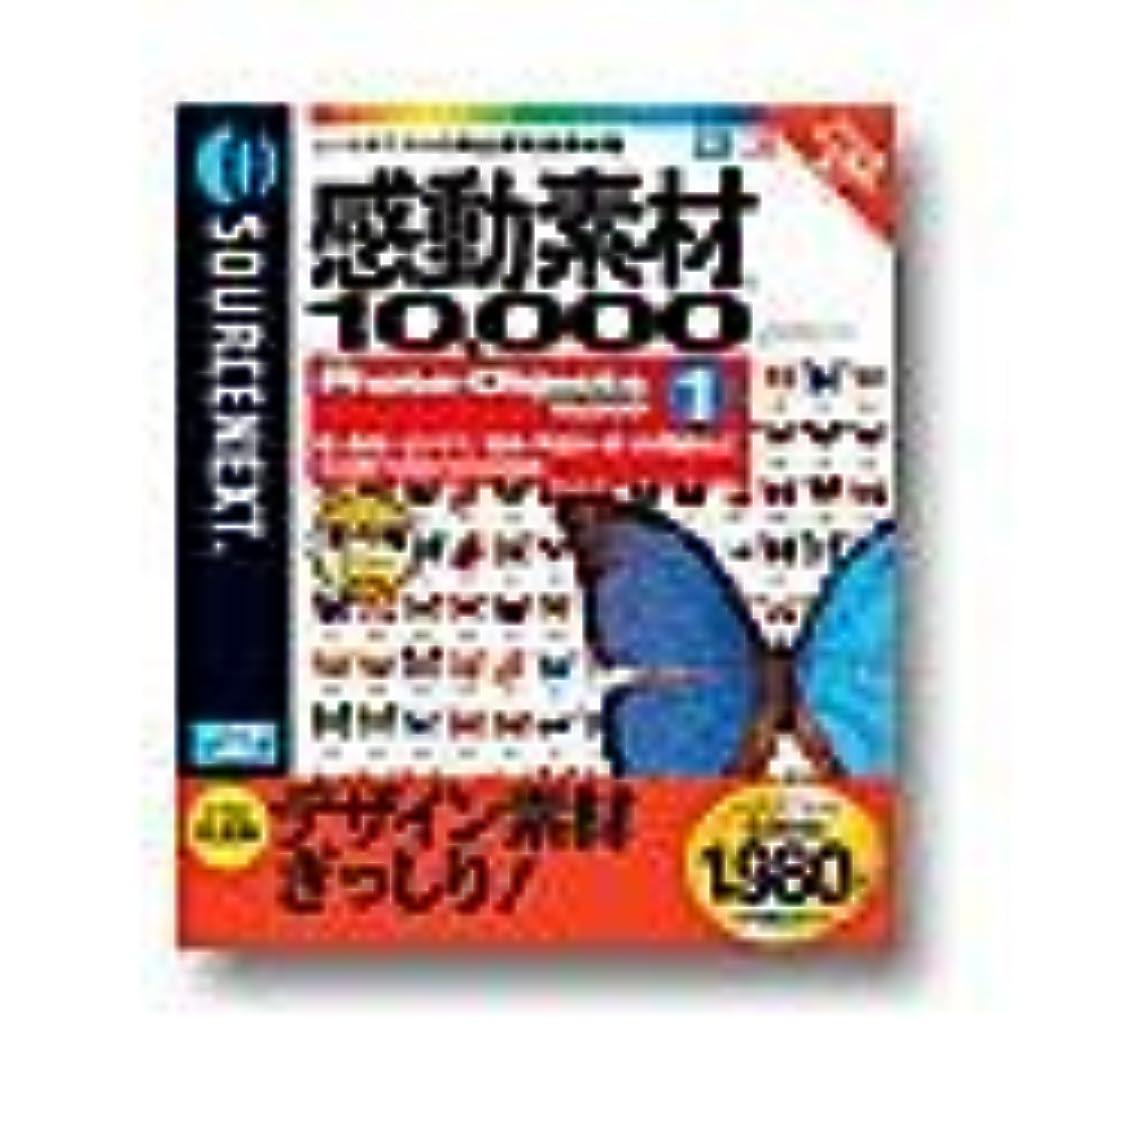 また大佐立証する感動素材 10000 HEMERA Photo-Objects 1